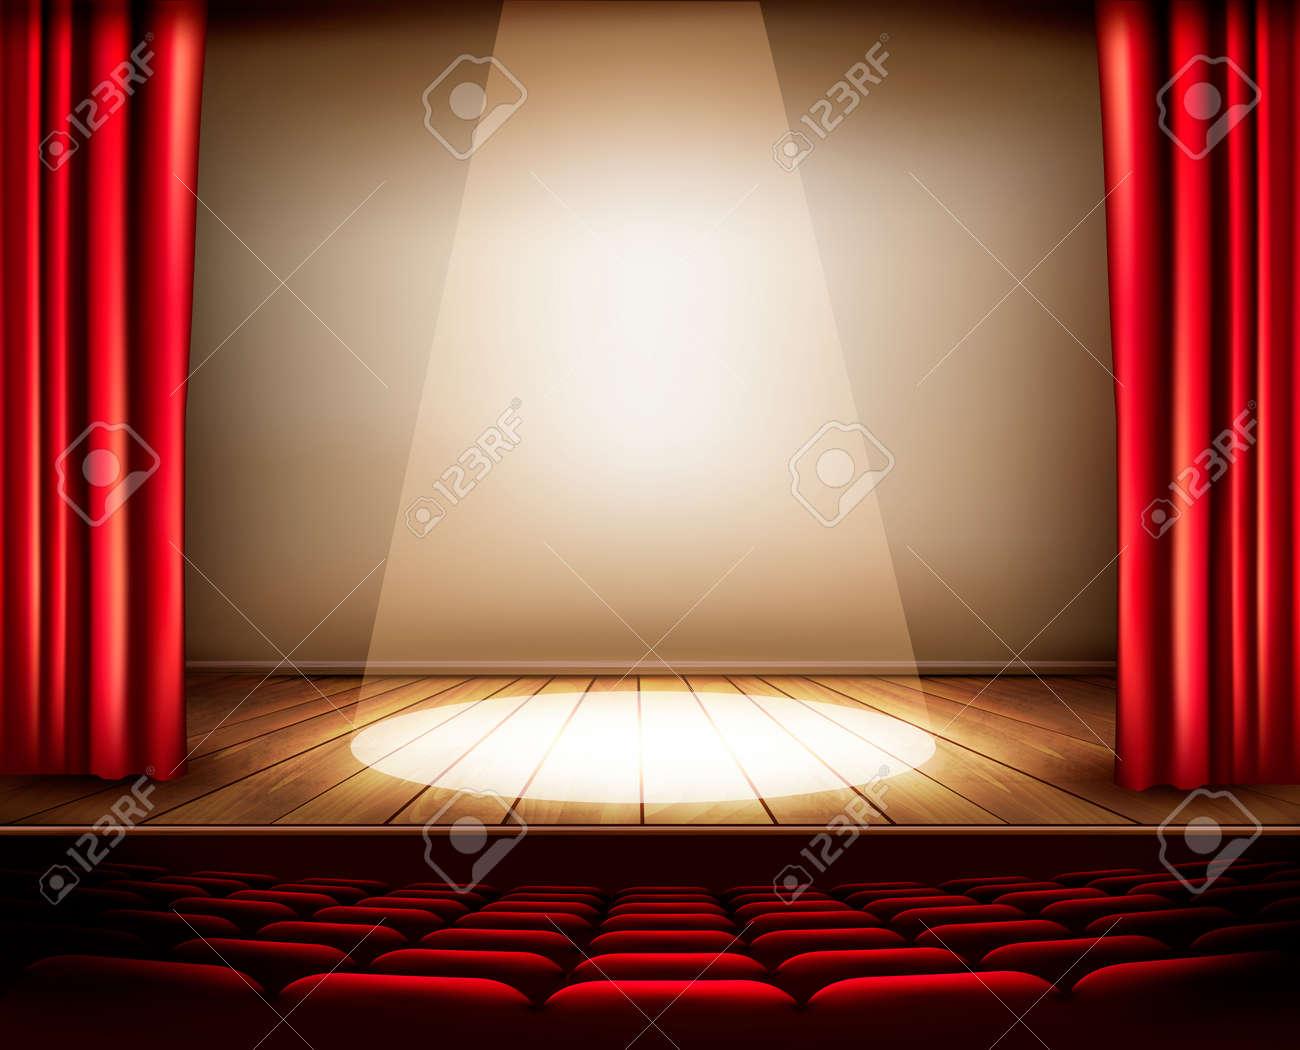 Een theater podium met een rood gordijn, stoelen en een ...